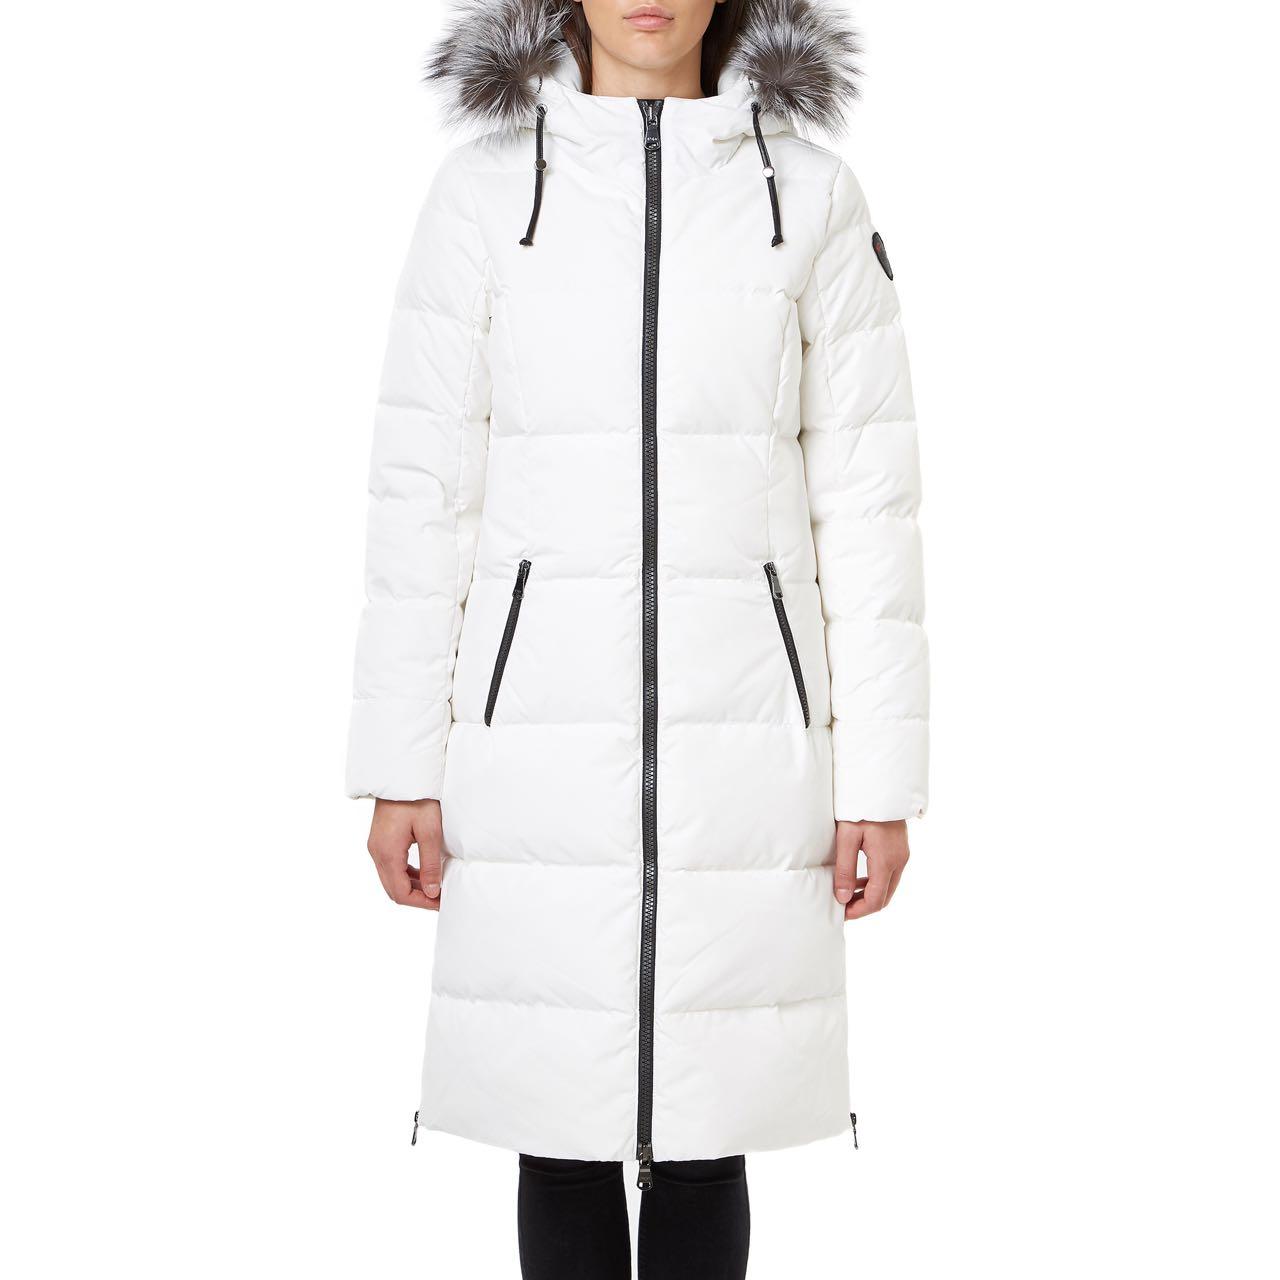 White Winter Parka